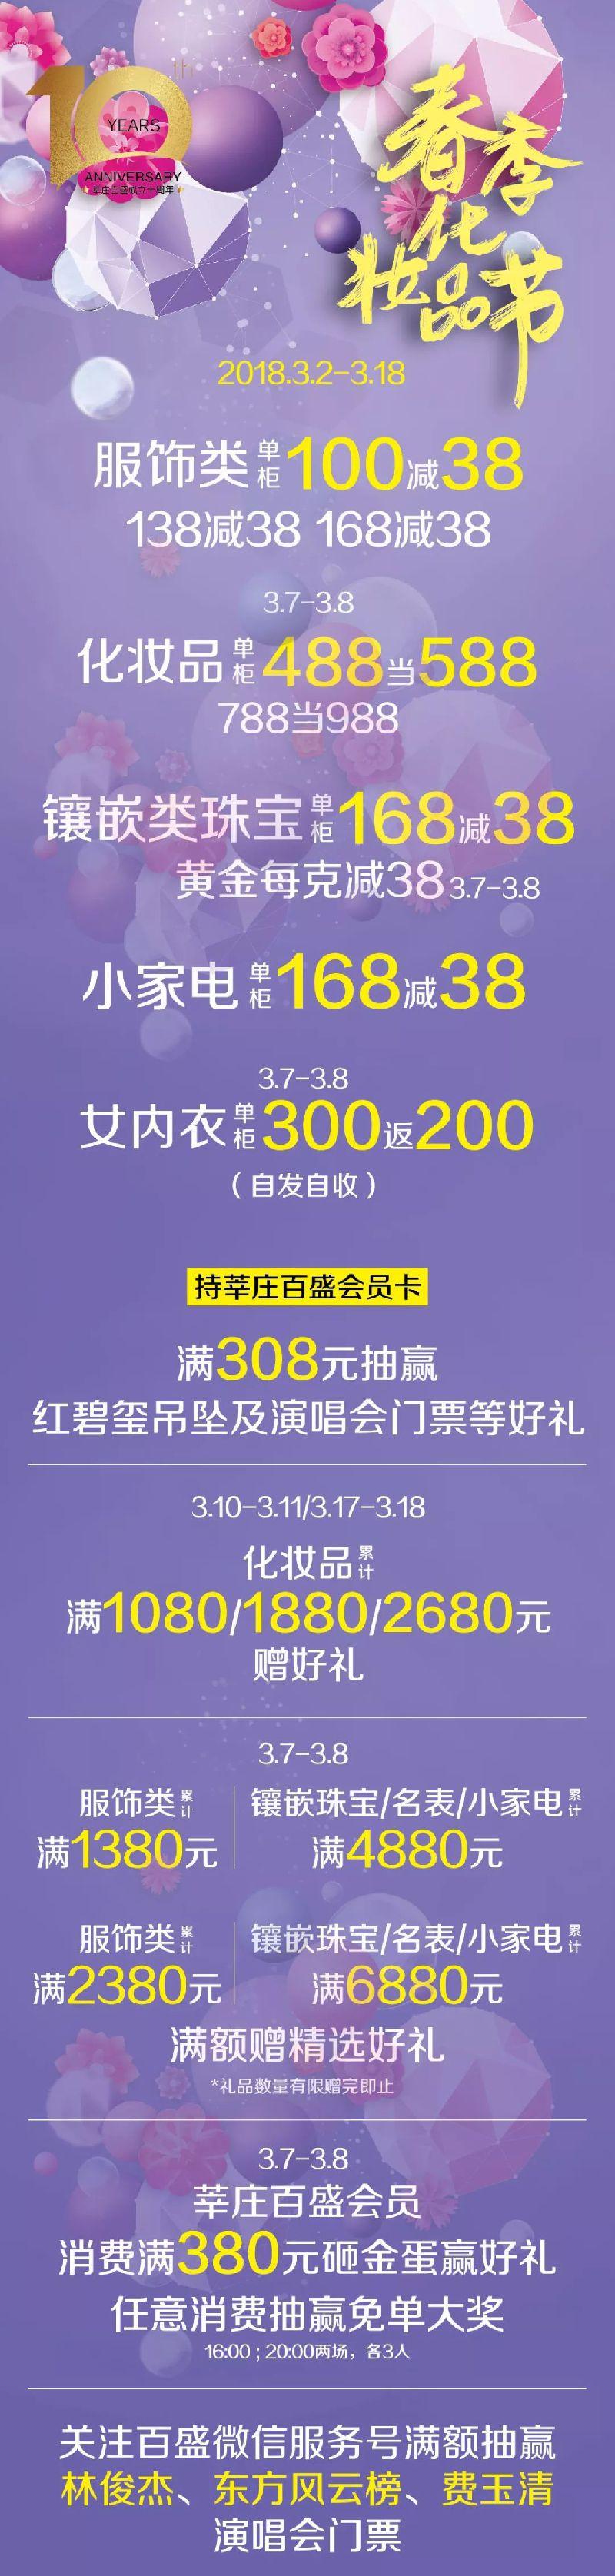 莘庄百盛三八节折扣再升级 化妆品单柜满488当588